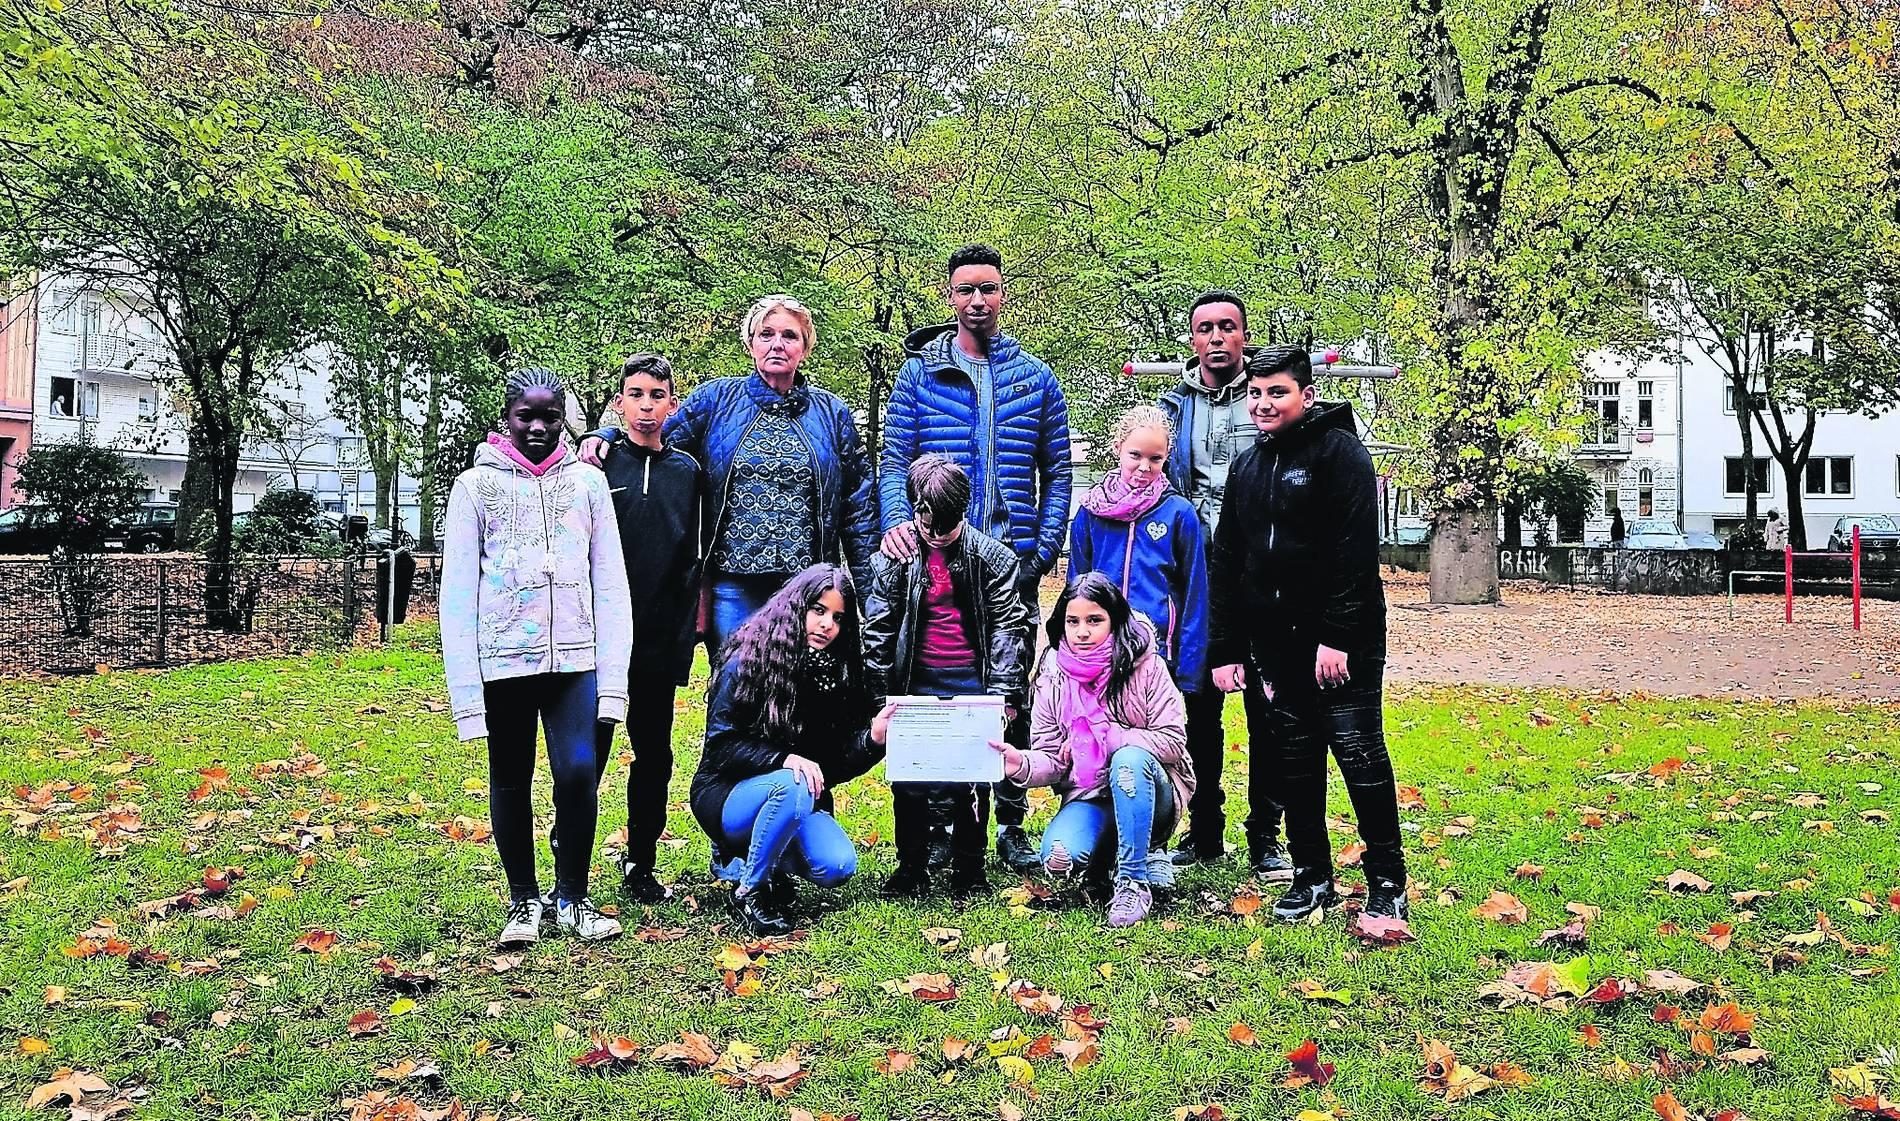 Klettergerüst Kinder Test : Düsseldorf kinder kämpfen für klettergerüst